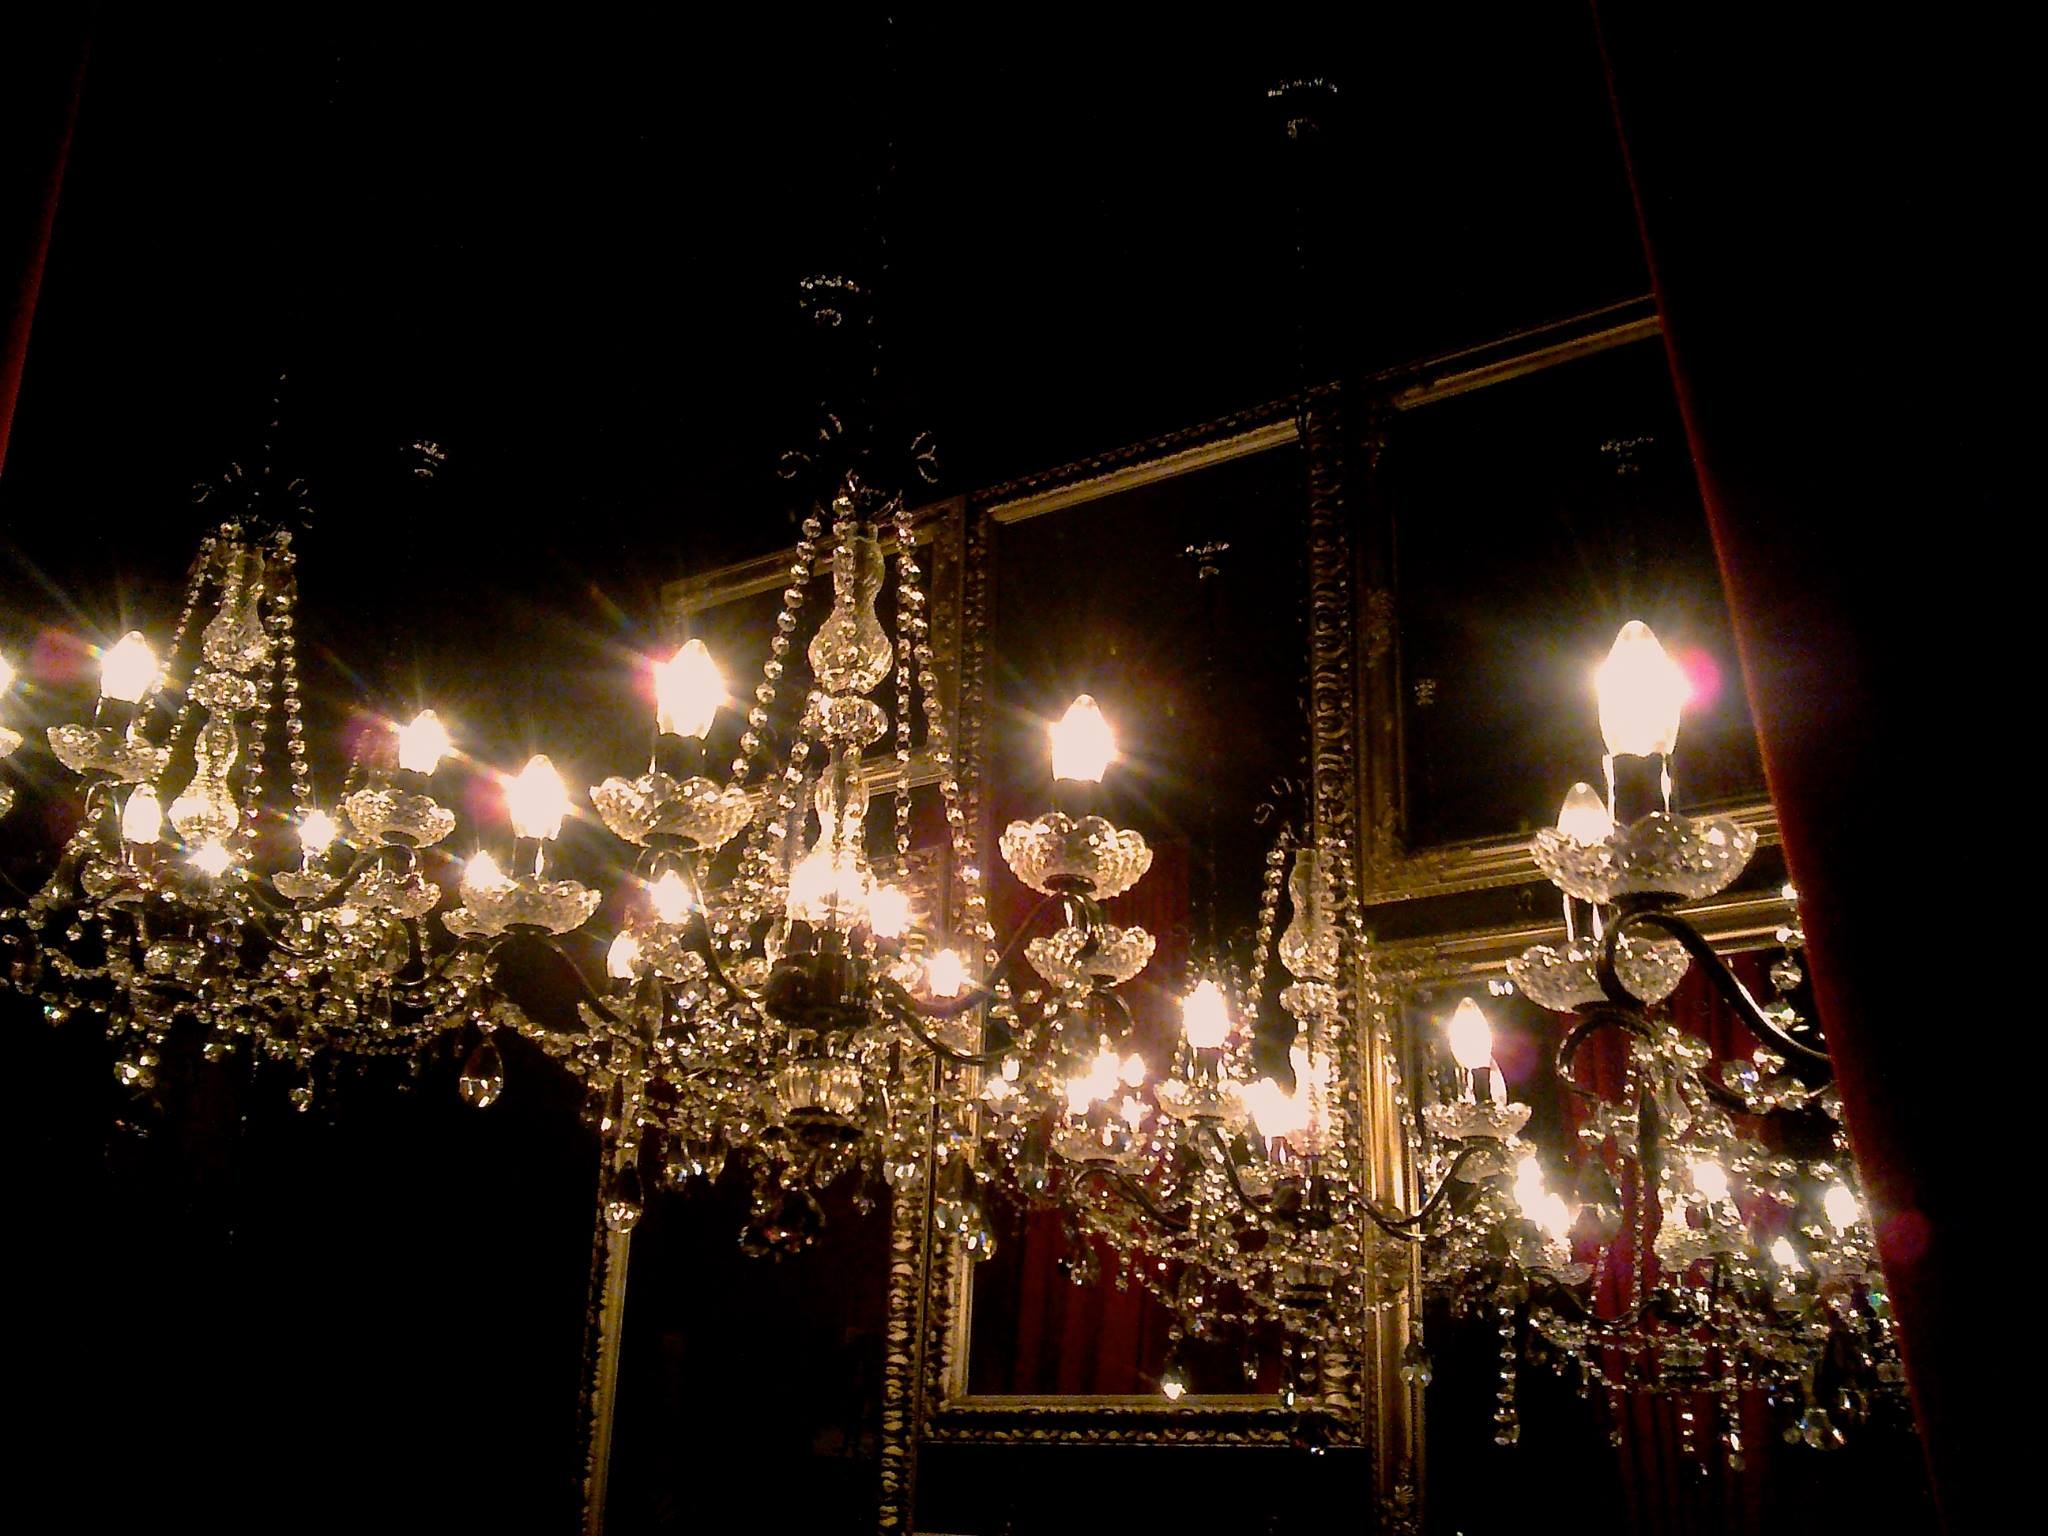 Nathan Café - Genève - Avenue de Frontenex 34 - 1207 Genève